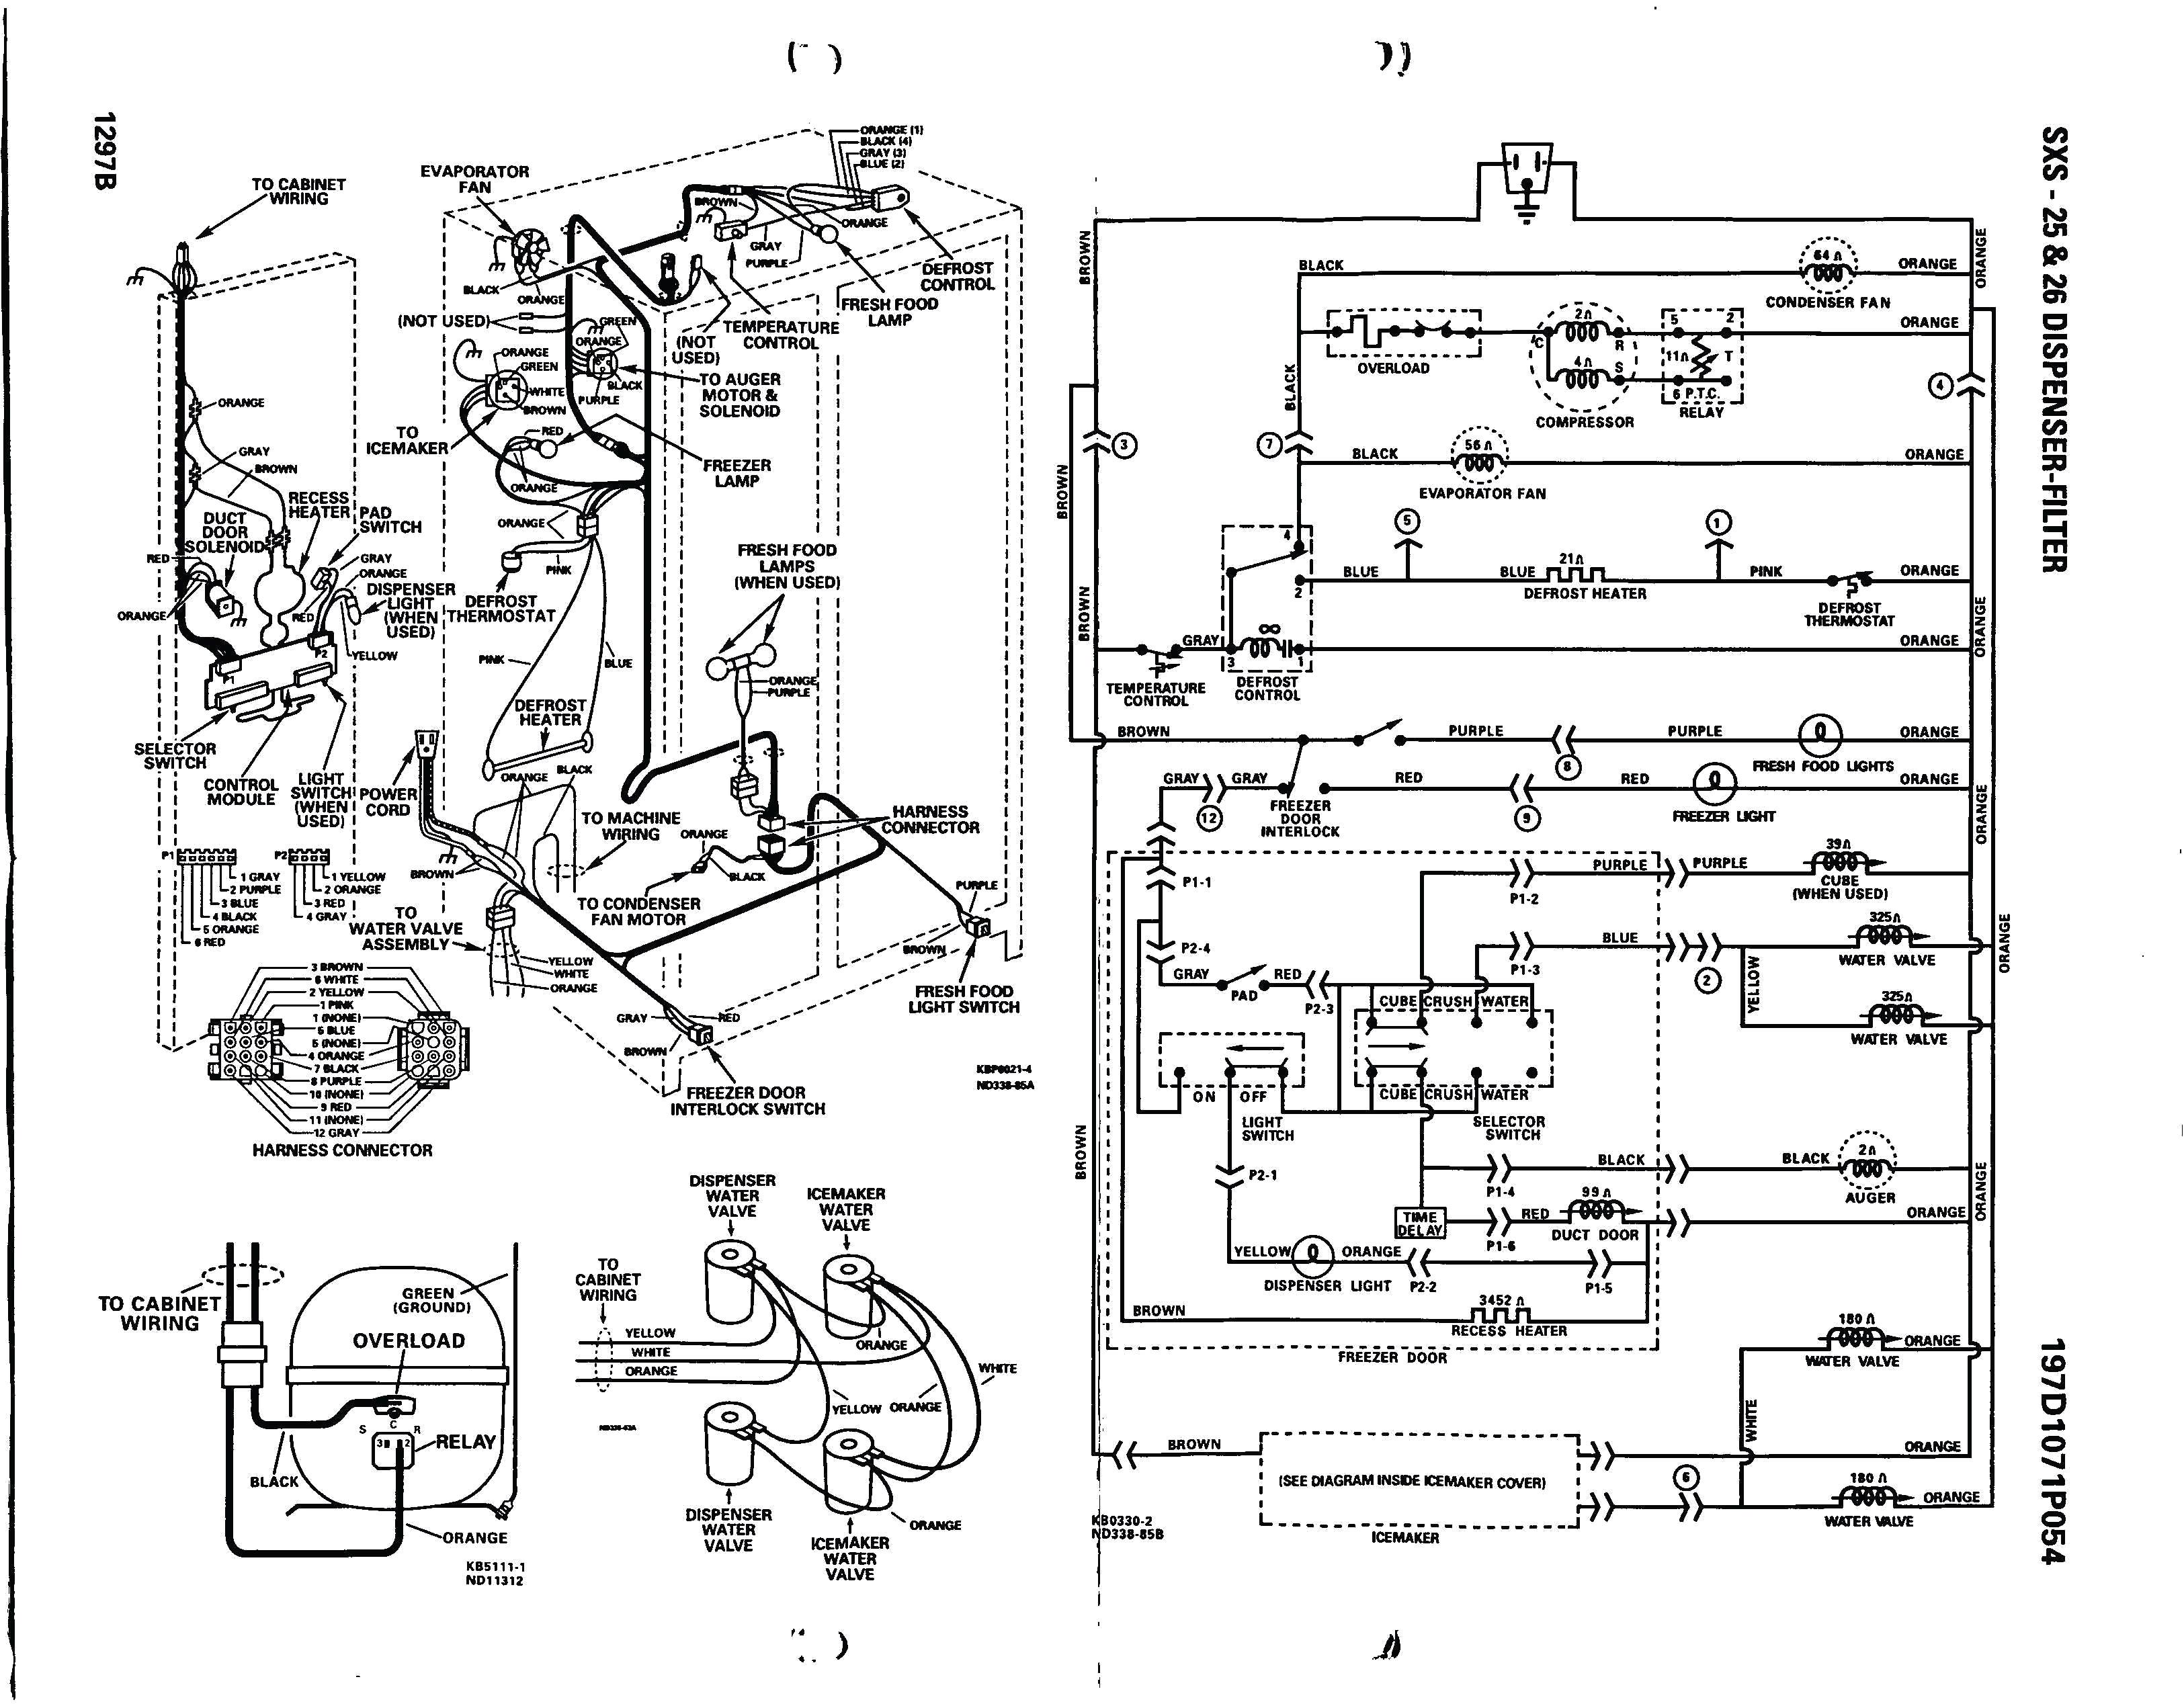 marathon generators wire diagram circuit diagram wiring diagram marathon generator wiring diagram